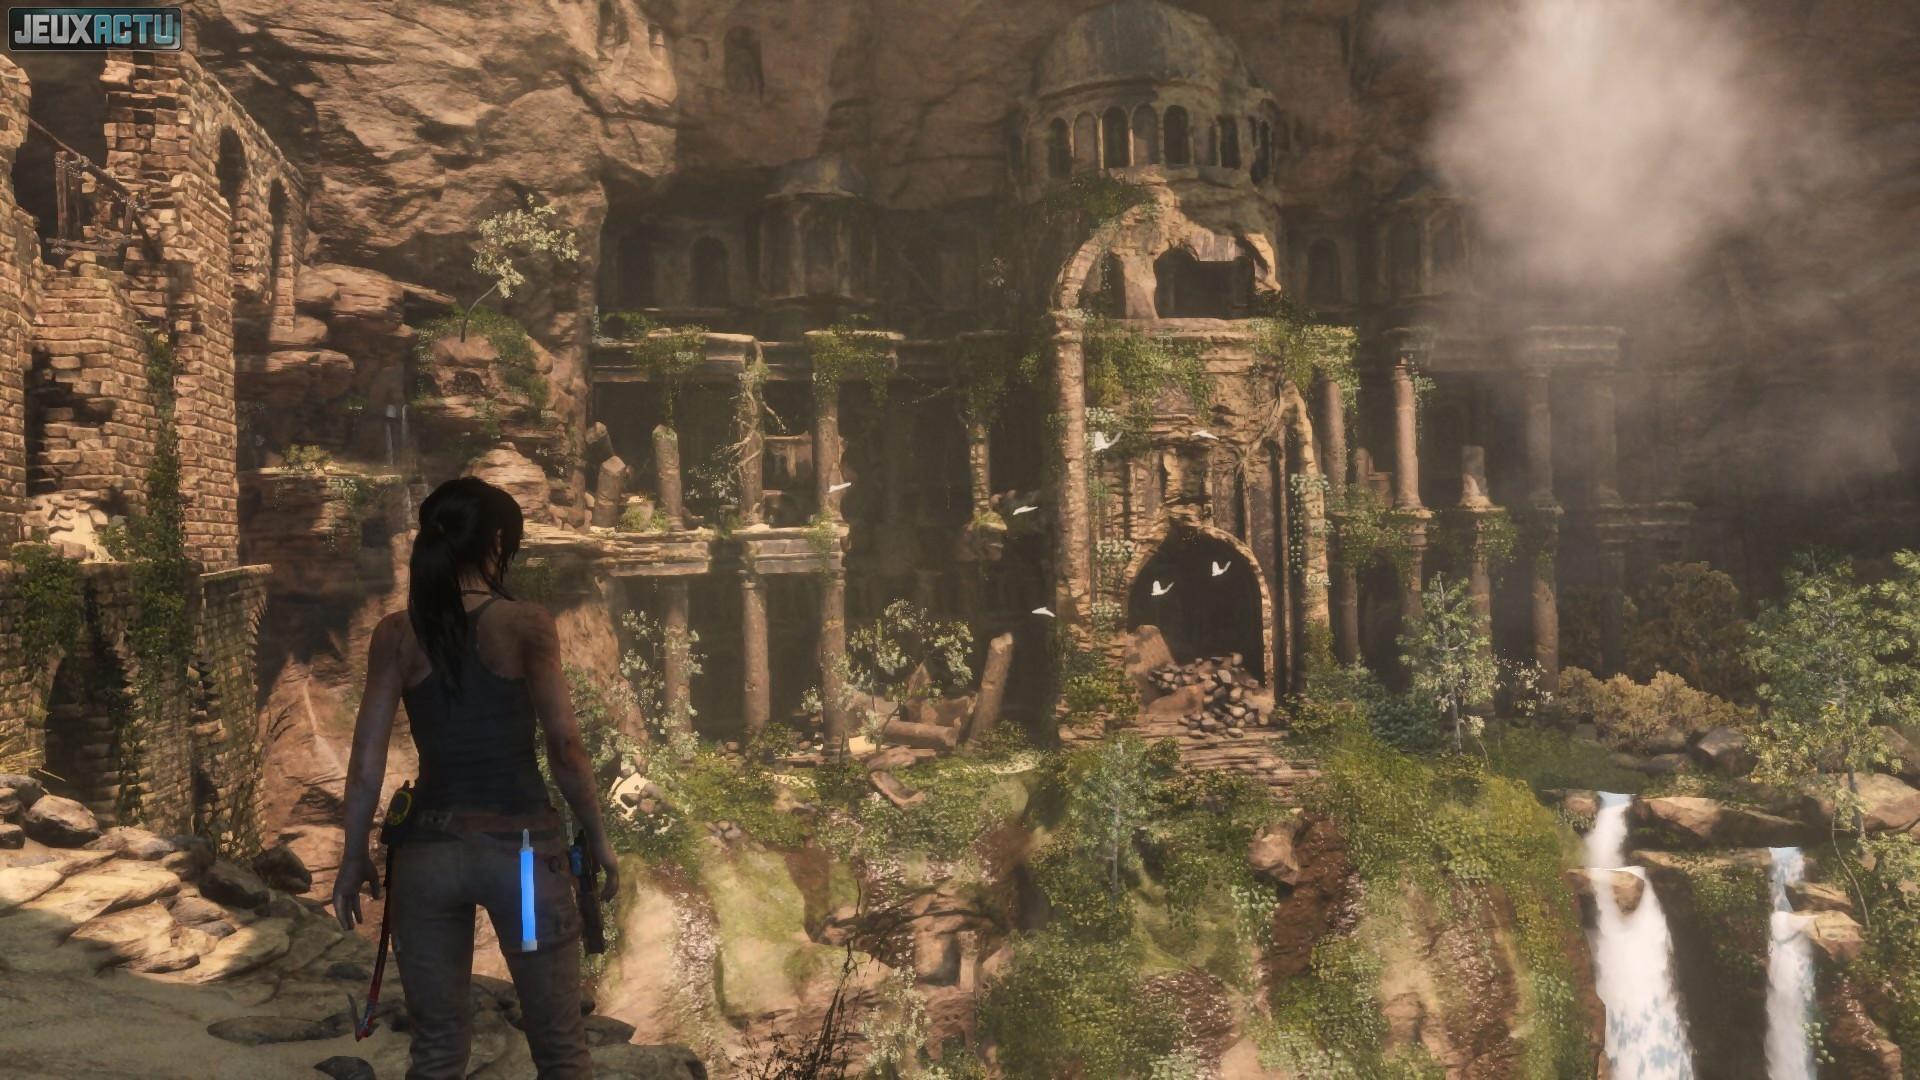 Tomb Raider (50) Terminez tous les défis tombeau en une seule partie. Botte secrète (10) Tirez sur une bouteille en l'air. Triple menace (10) Tuez 3 ennemis d'un seul coup de fusil à pompe.